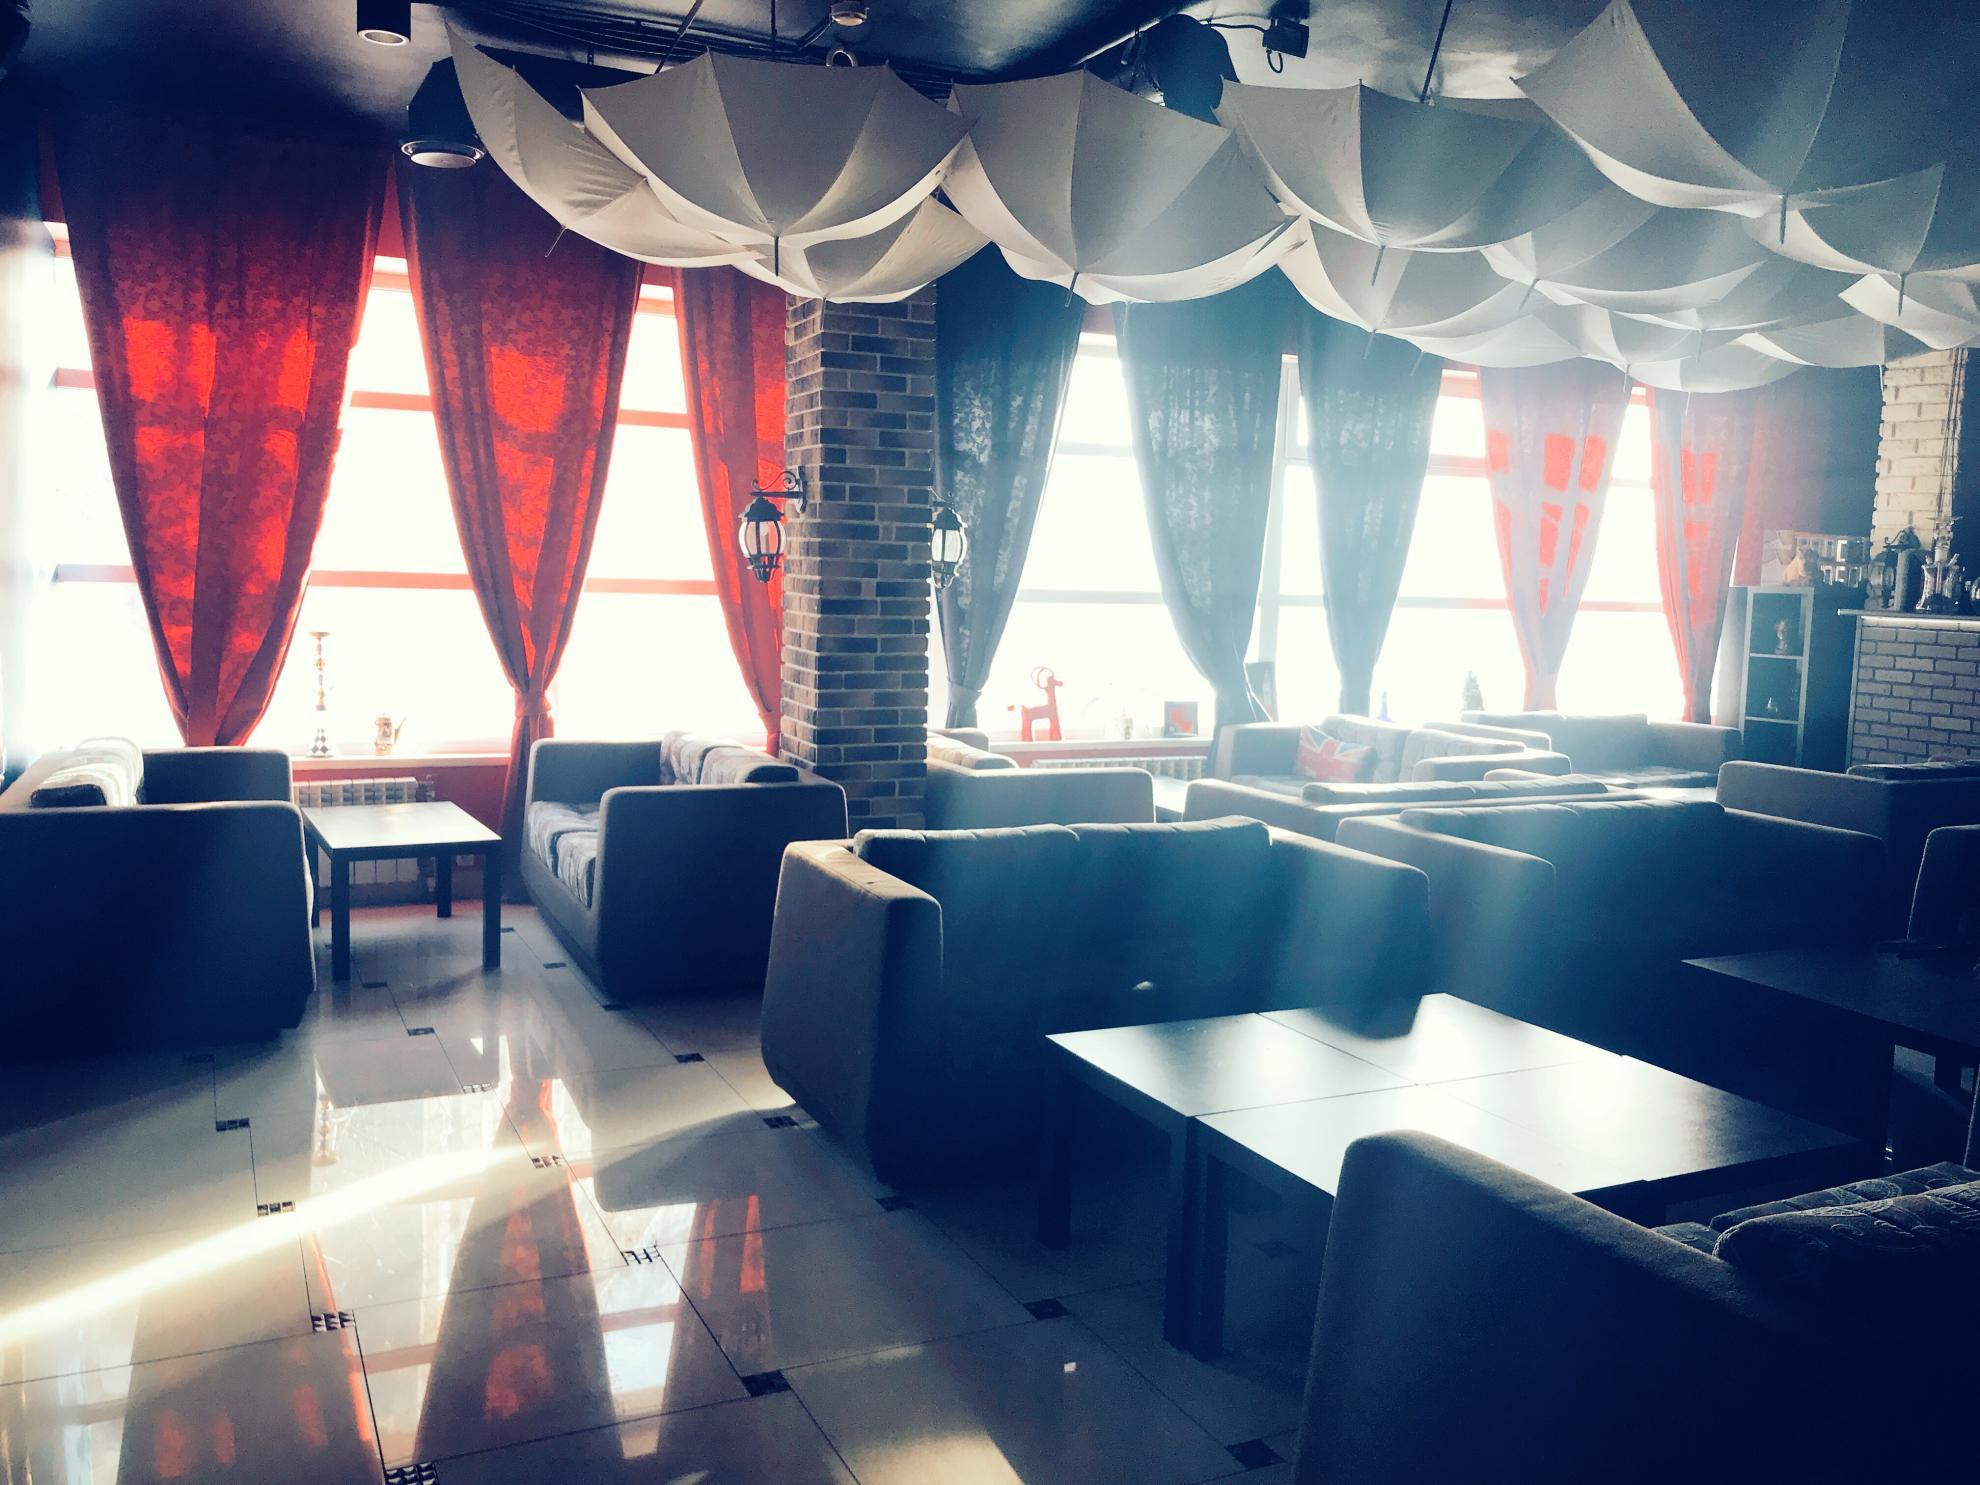 Совмещая работой казино ресторанах отелях развлекательных шоу стриптизах др c покерные игровые автоматы играть бесплатно и без регистрации